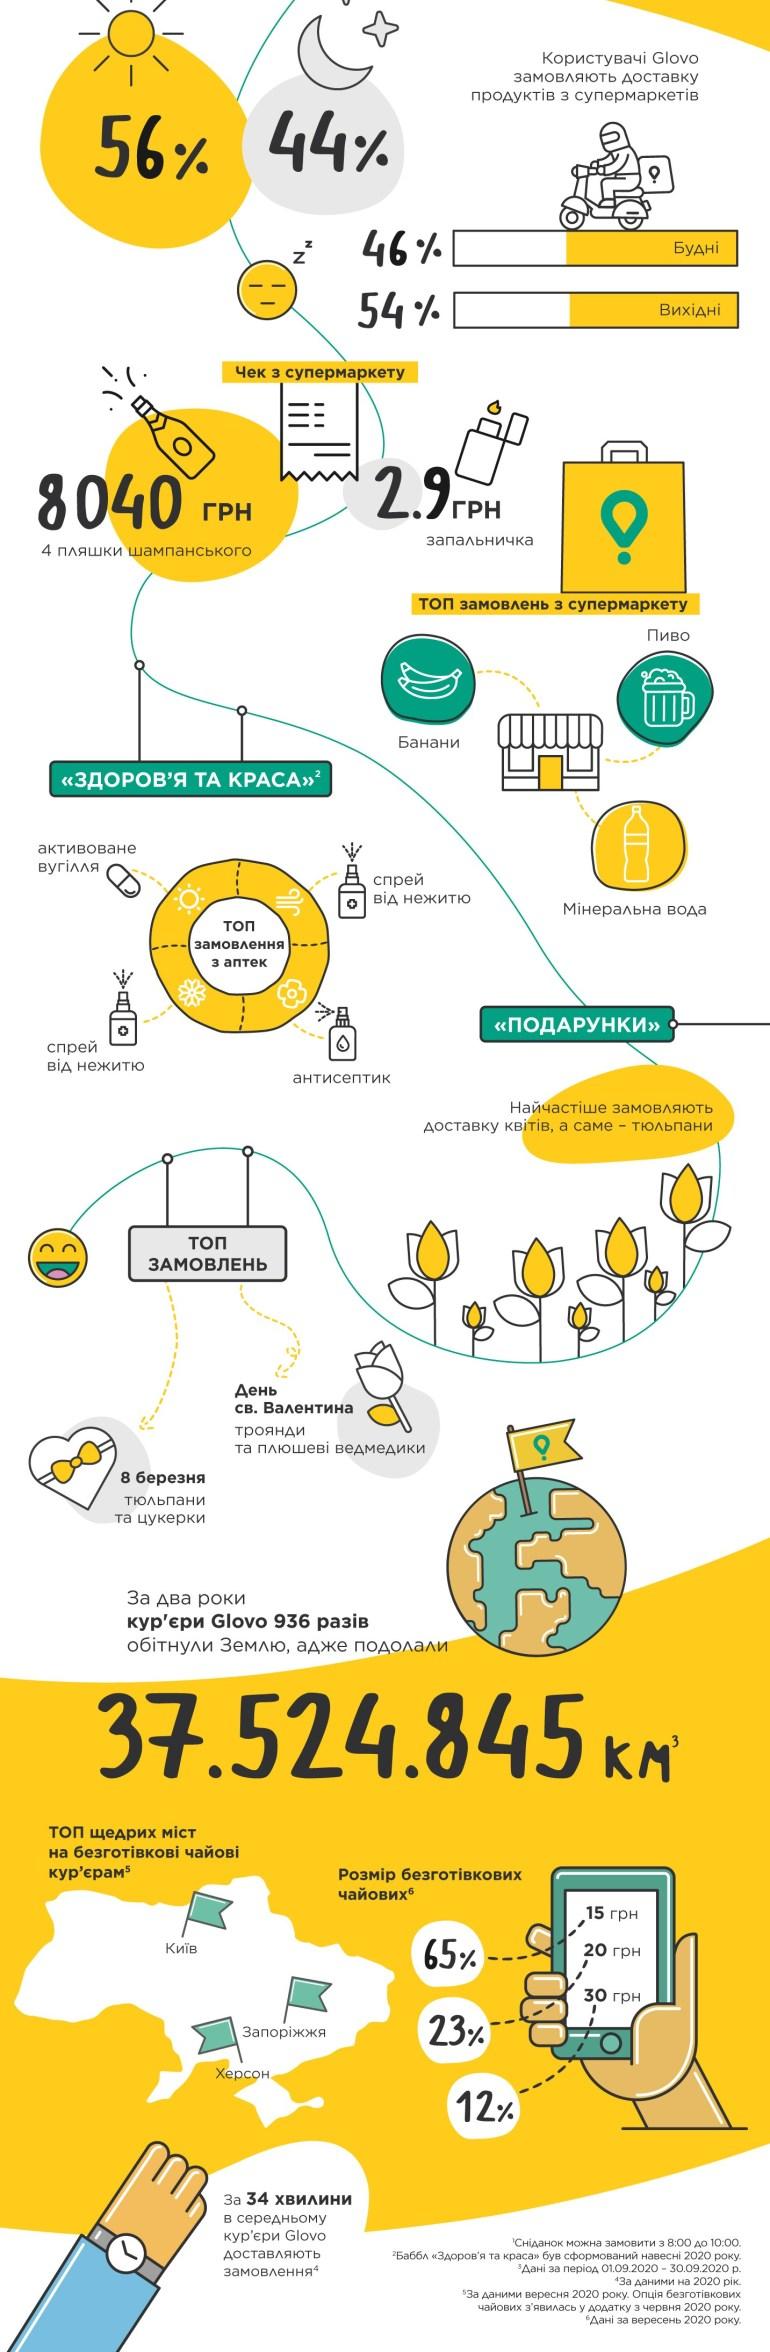 """""""27 городов, 2 Cook Room и 1170 тонн бургеров"""": Сервис курьерской доставки Glovo отметил вторую годовщину работы в Украине [инфографика]"""